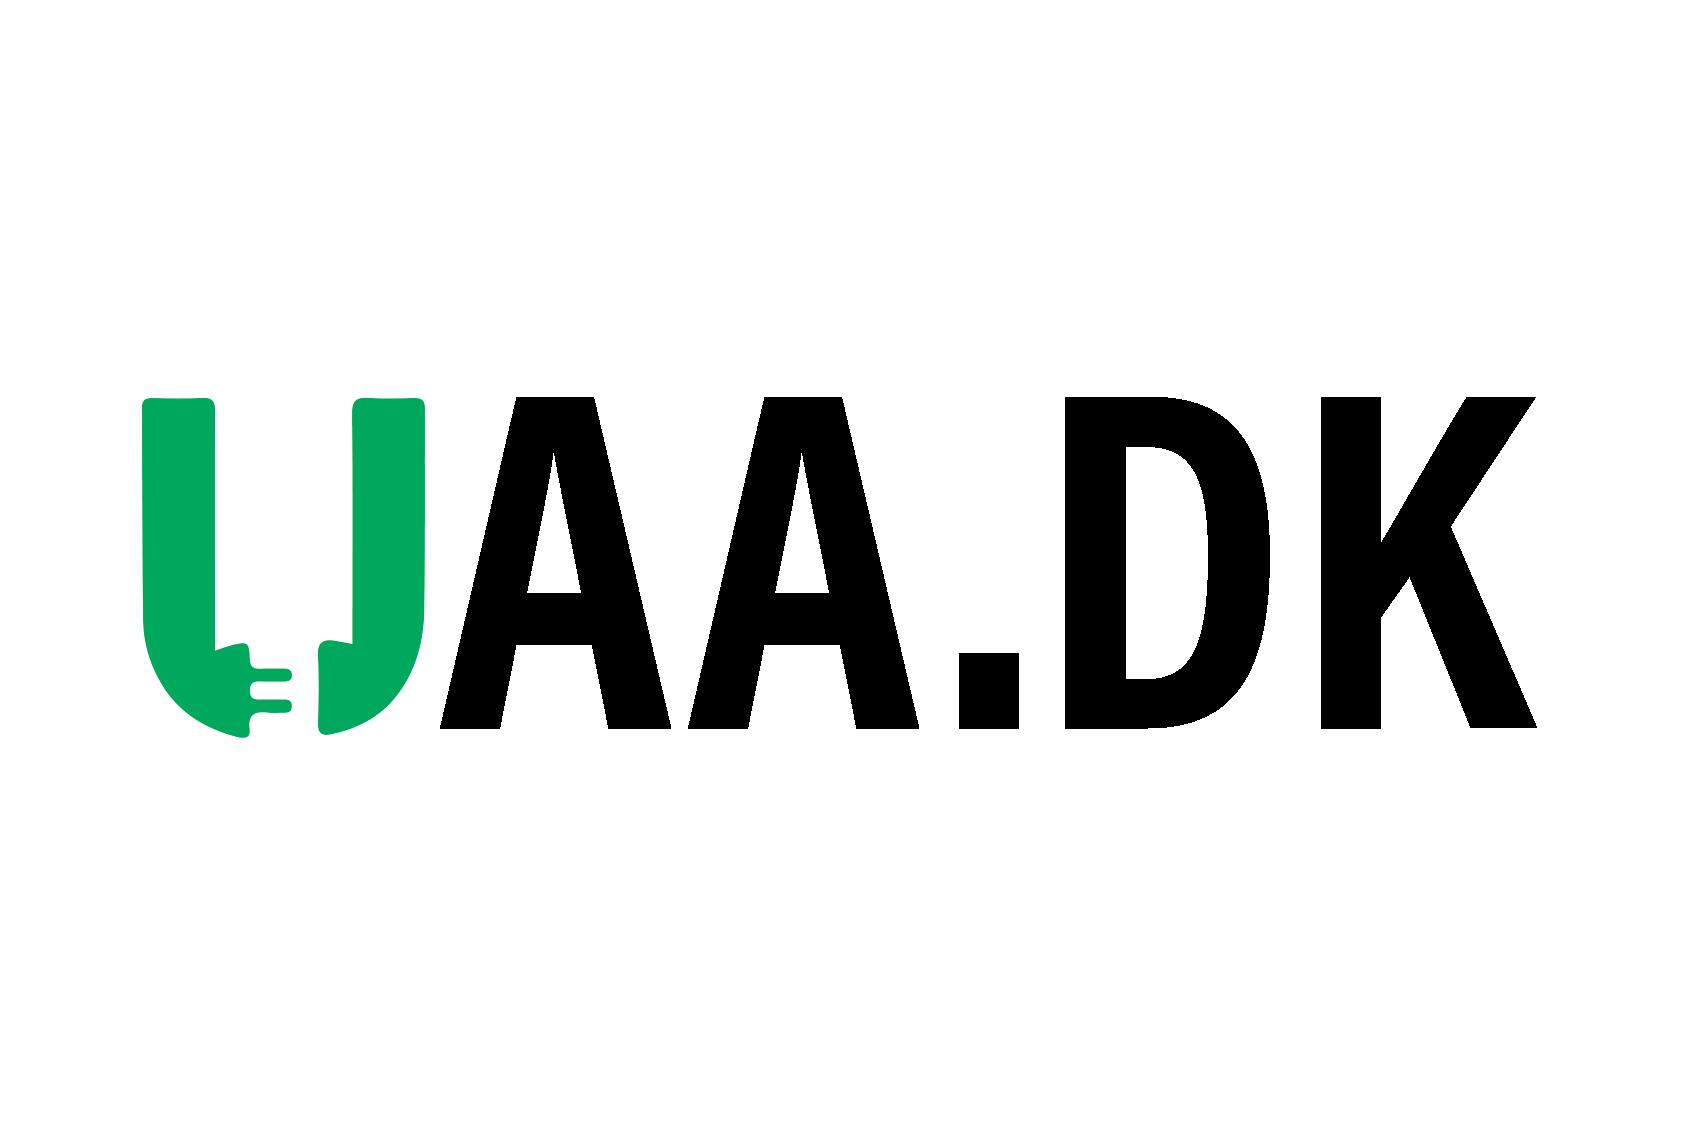 Nyt logo til uaa.dk.